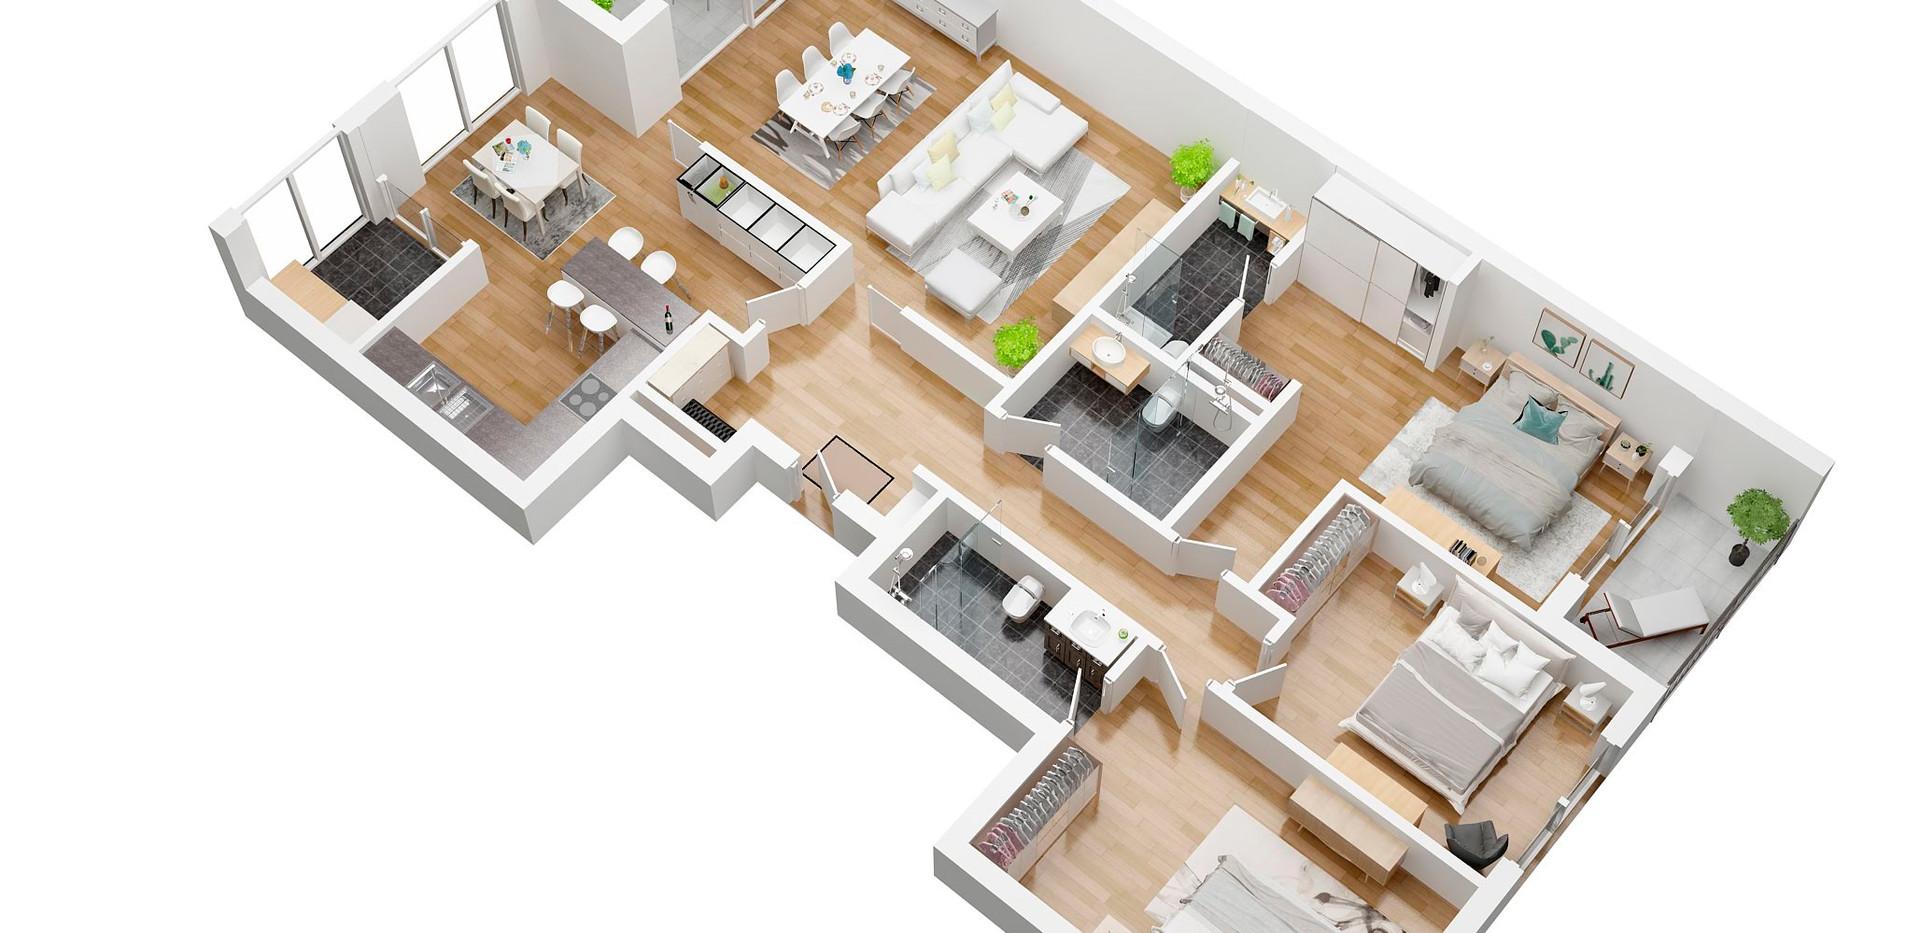 ramstein74_3D floor plan